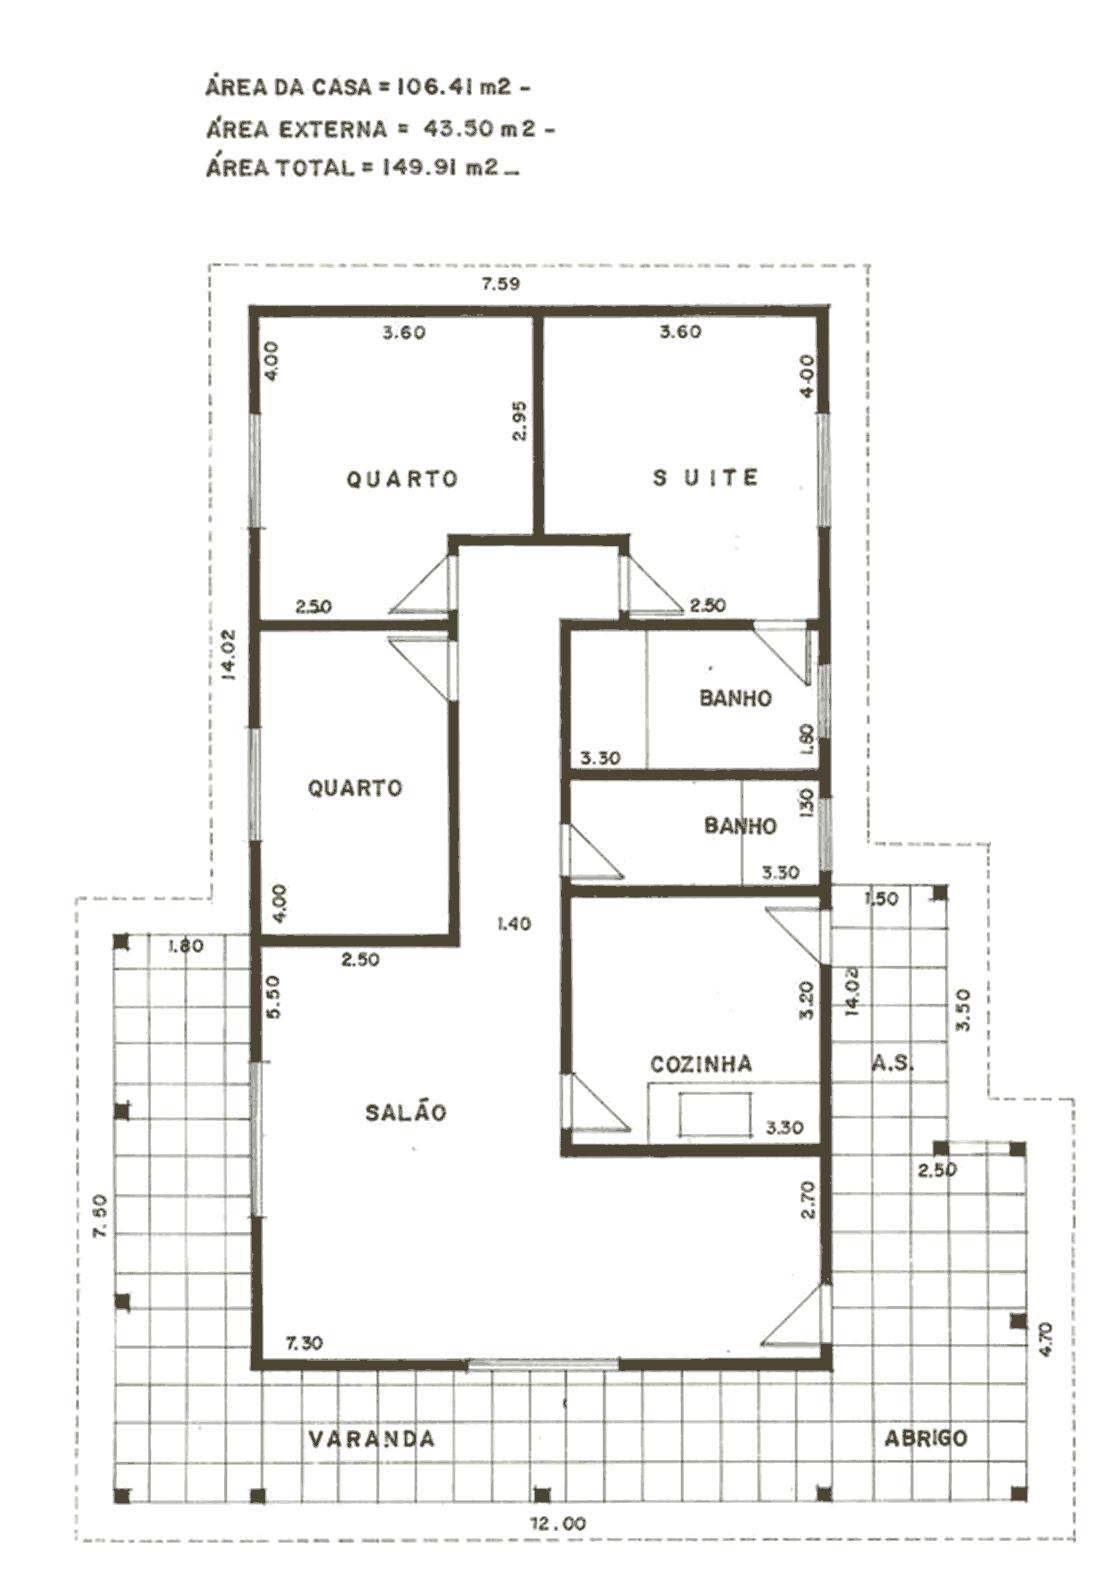 Plantas de casas modelos planta baixa projetos for Plantas minimalistas